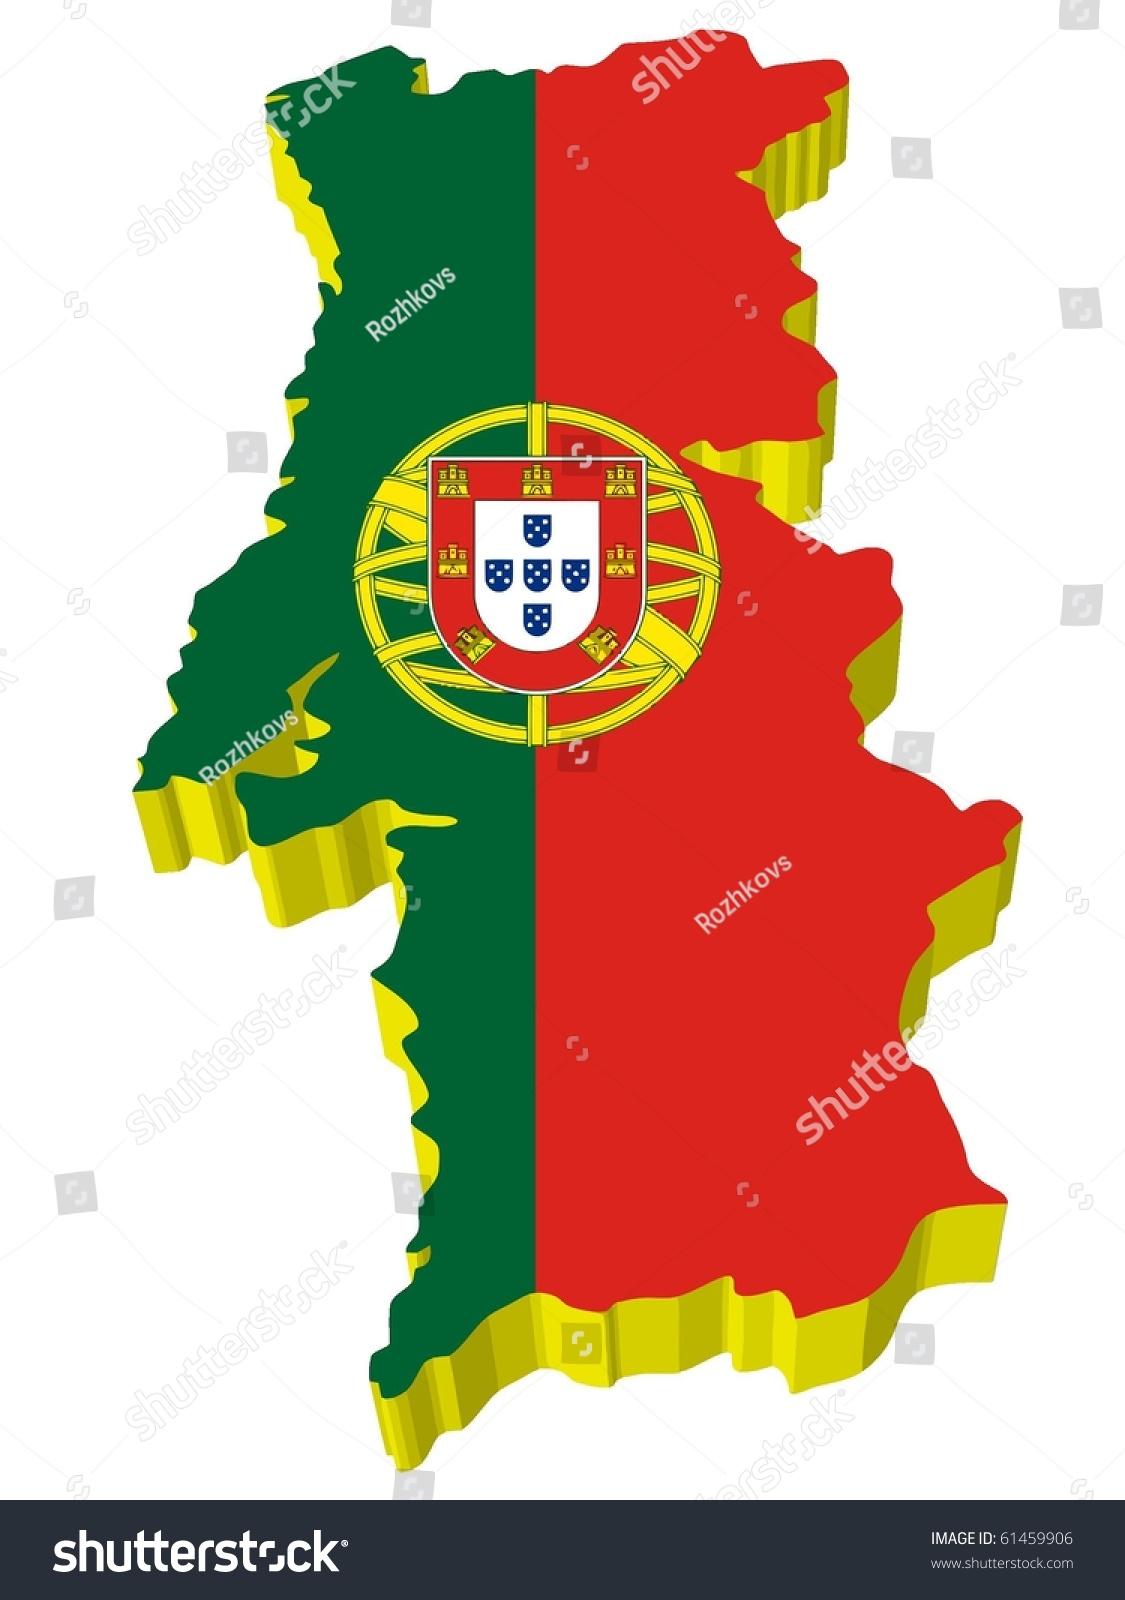 Vectors 3d Map Portugal Illustrations Clip Art Signs Symbols